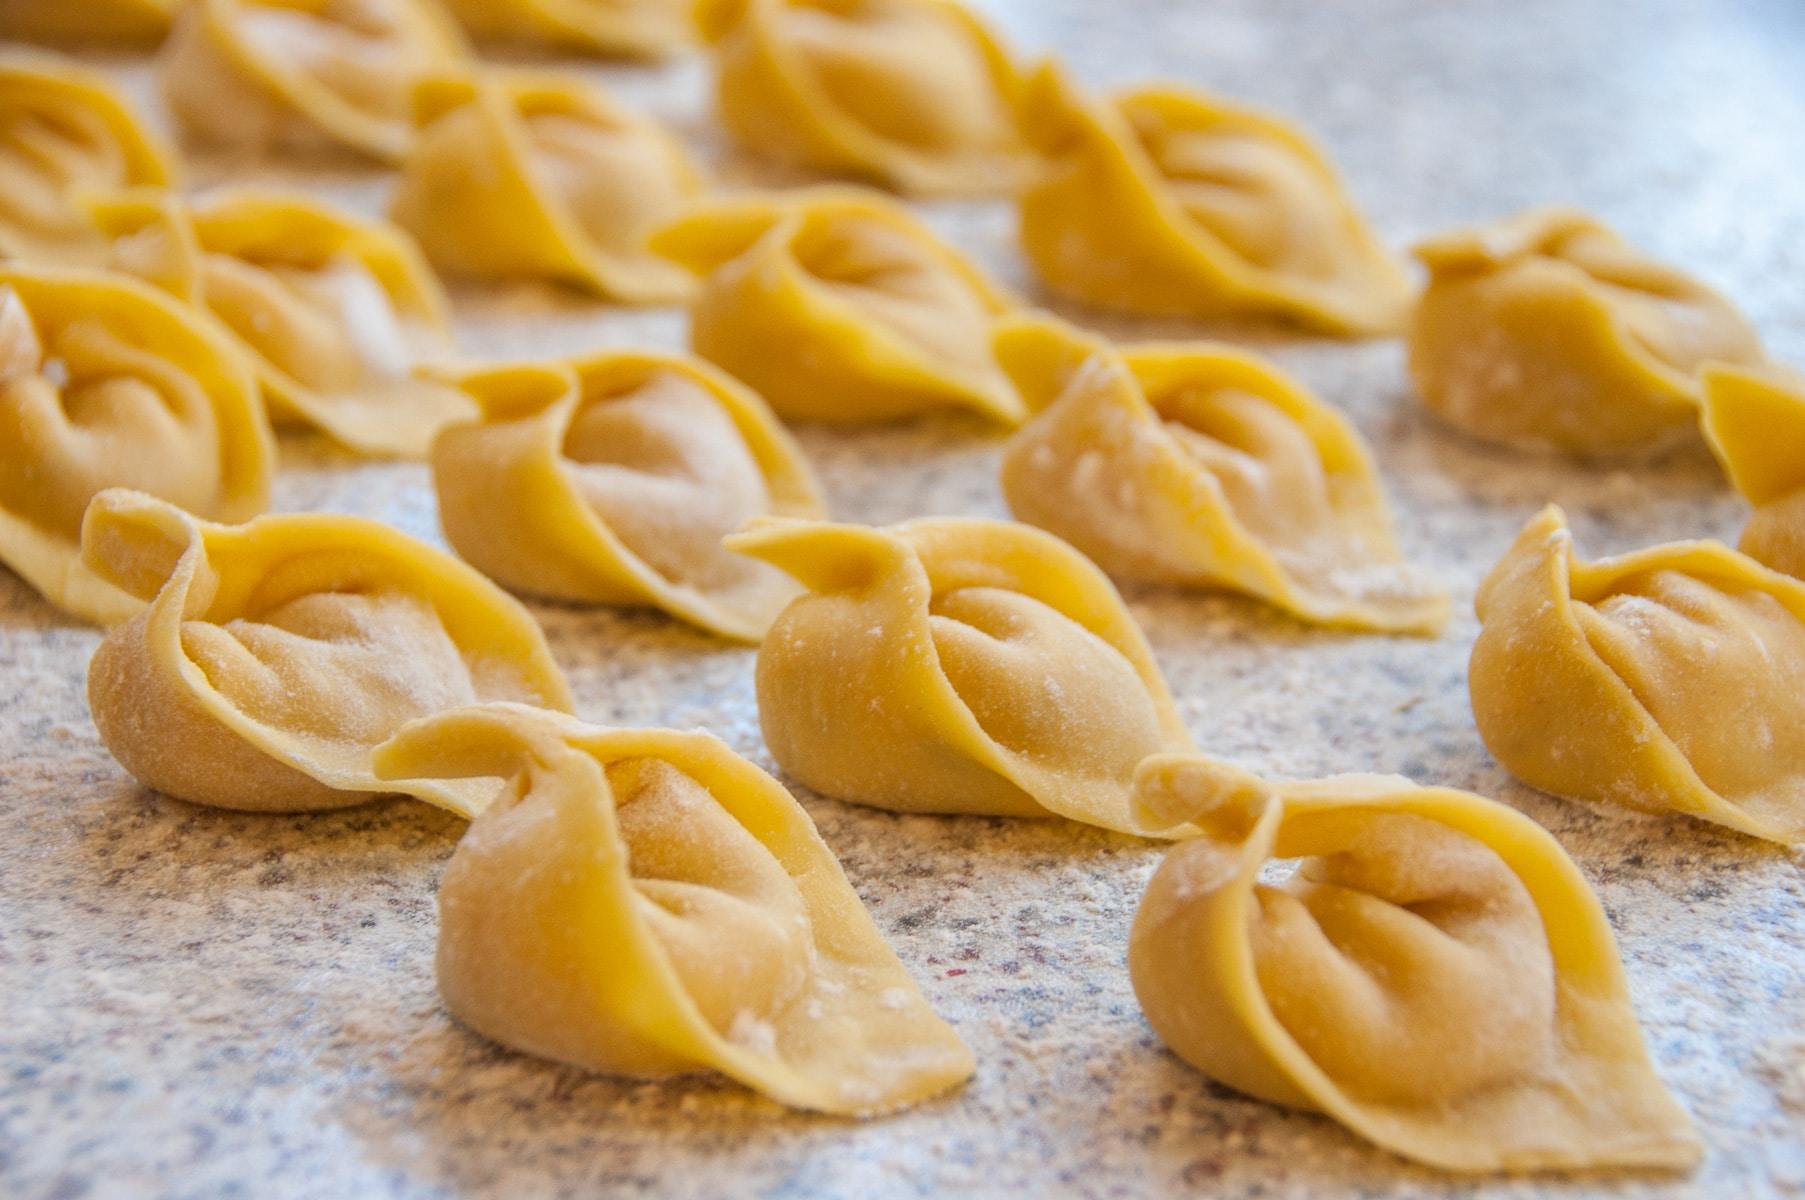 Surowe tortellini ułożone jeden obok drugiego na blacie posypanym mąką.